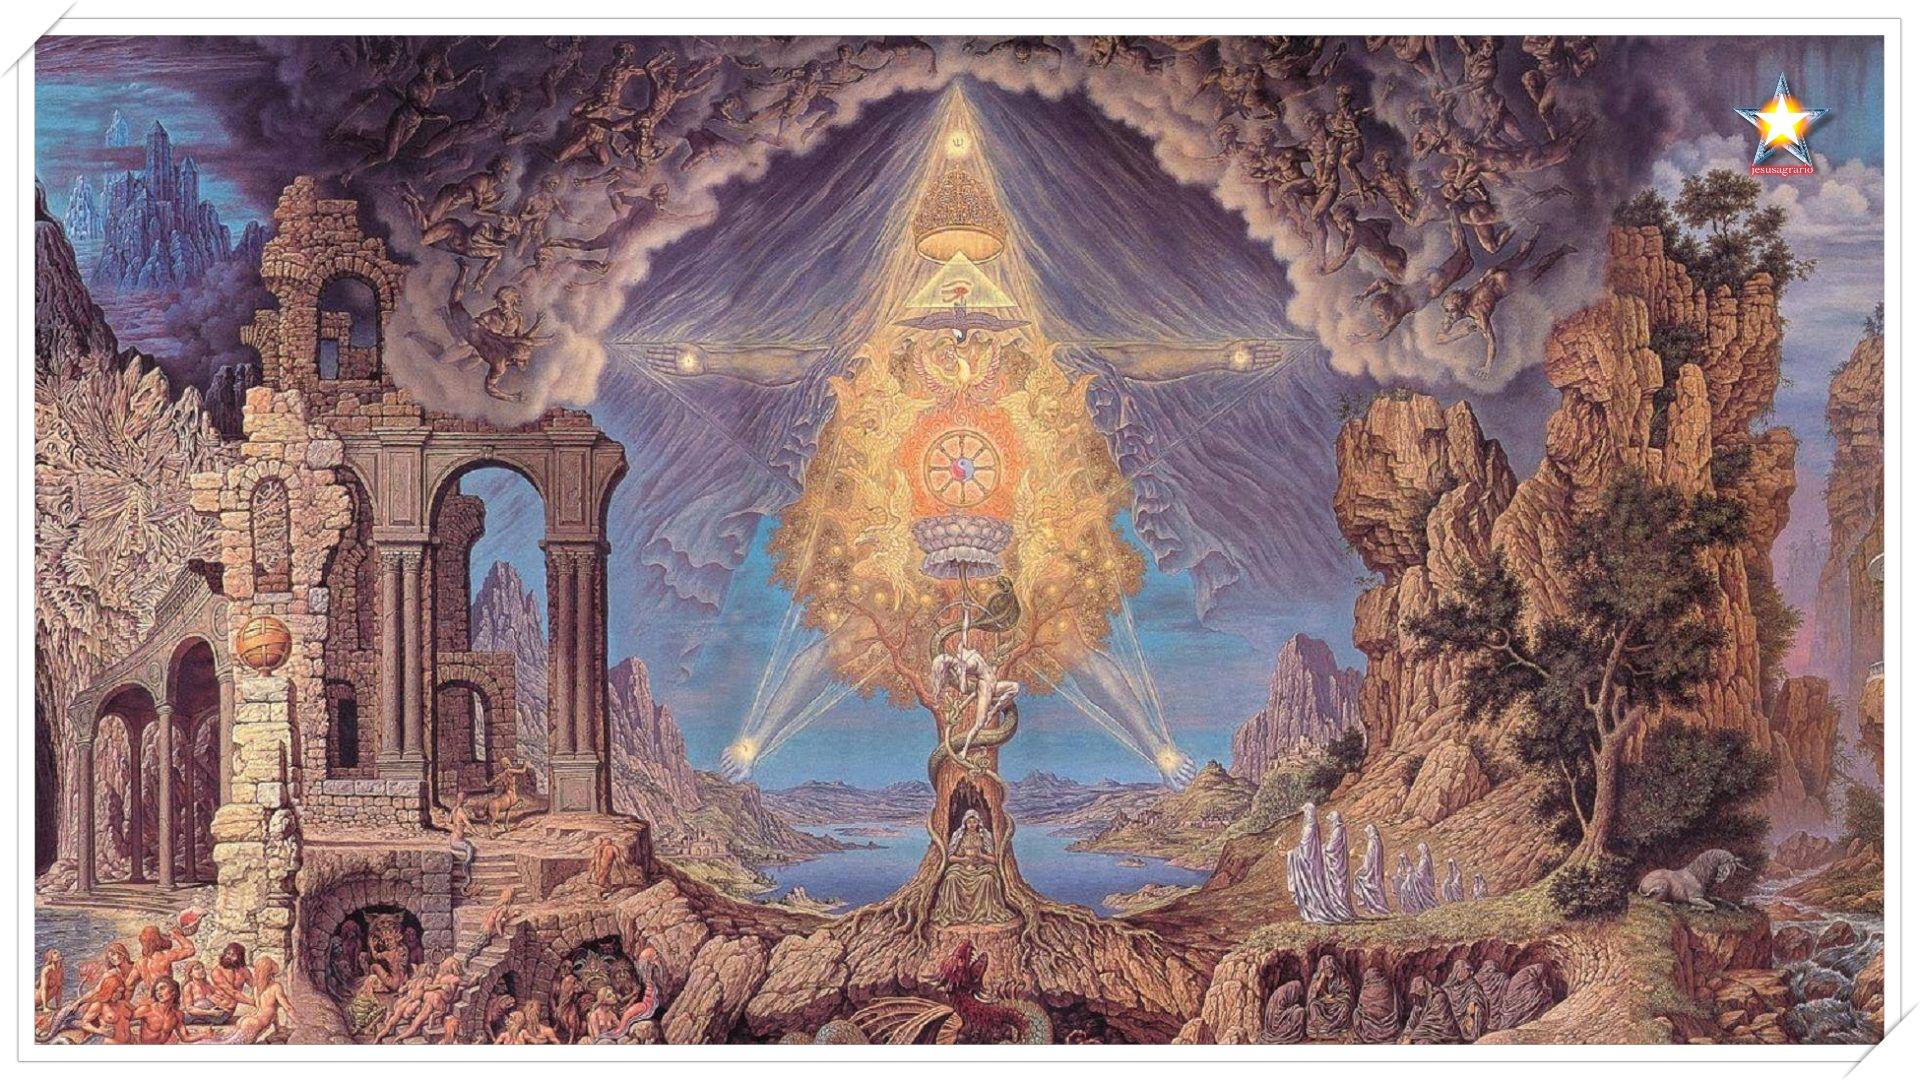 Iglesia gnostica